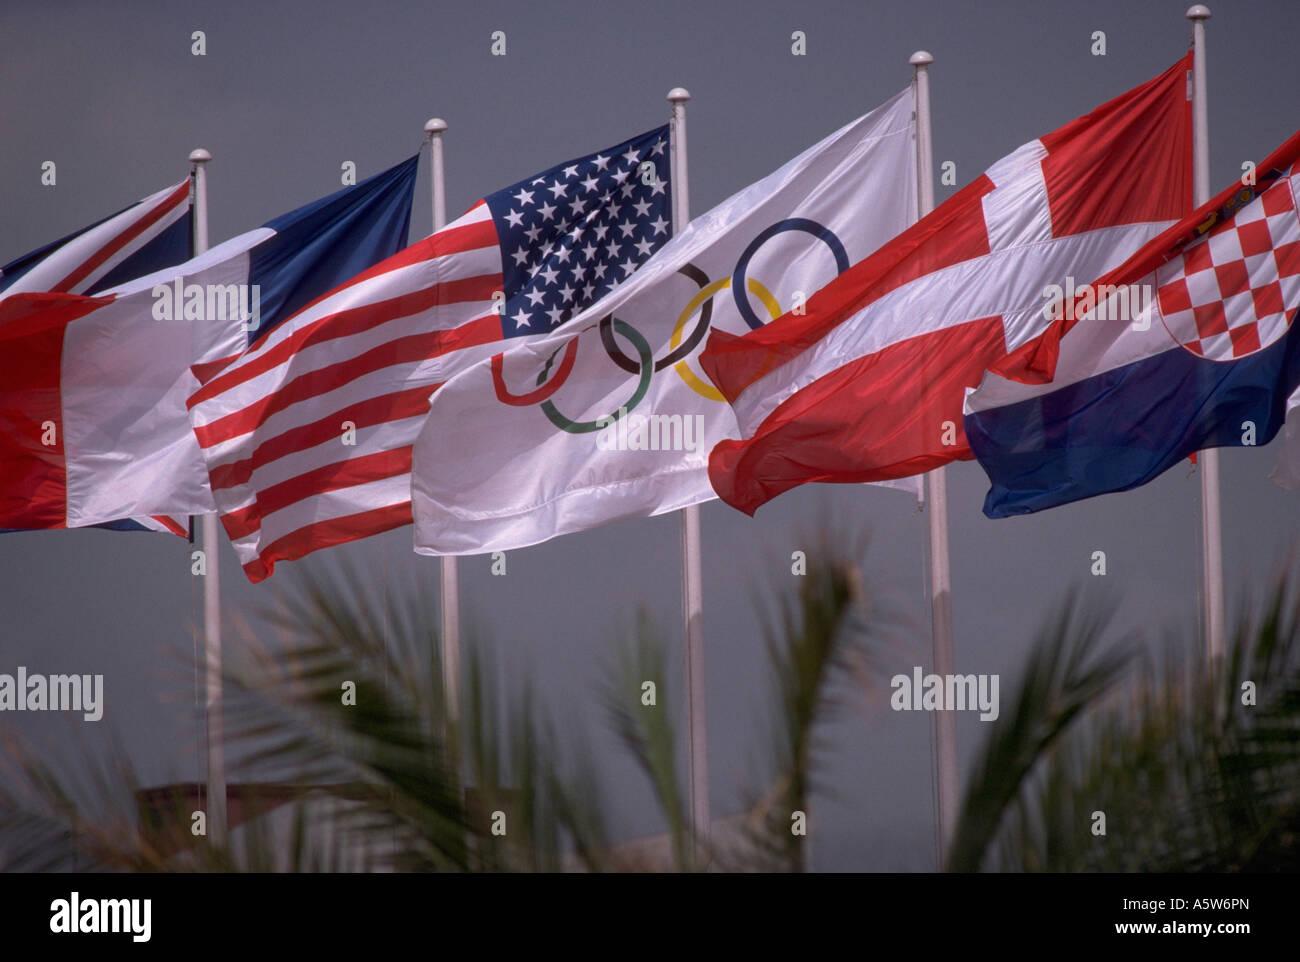 painet hl0782 olympic usa flag olympics spain barcelona flags